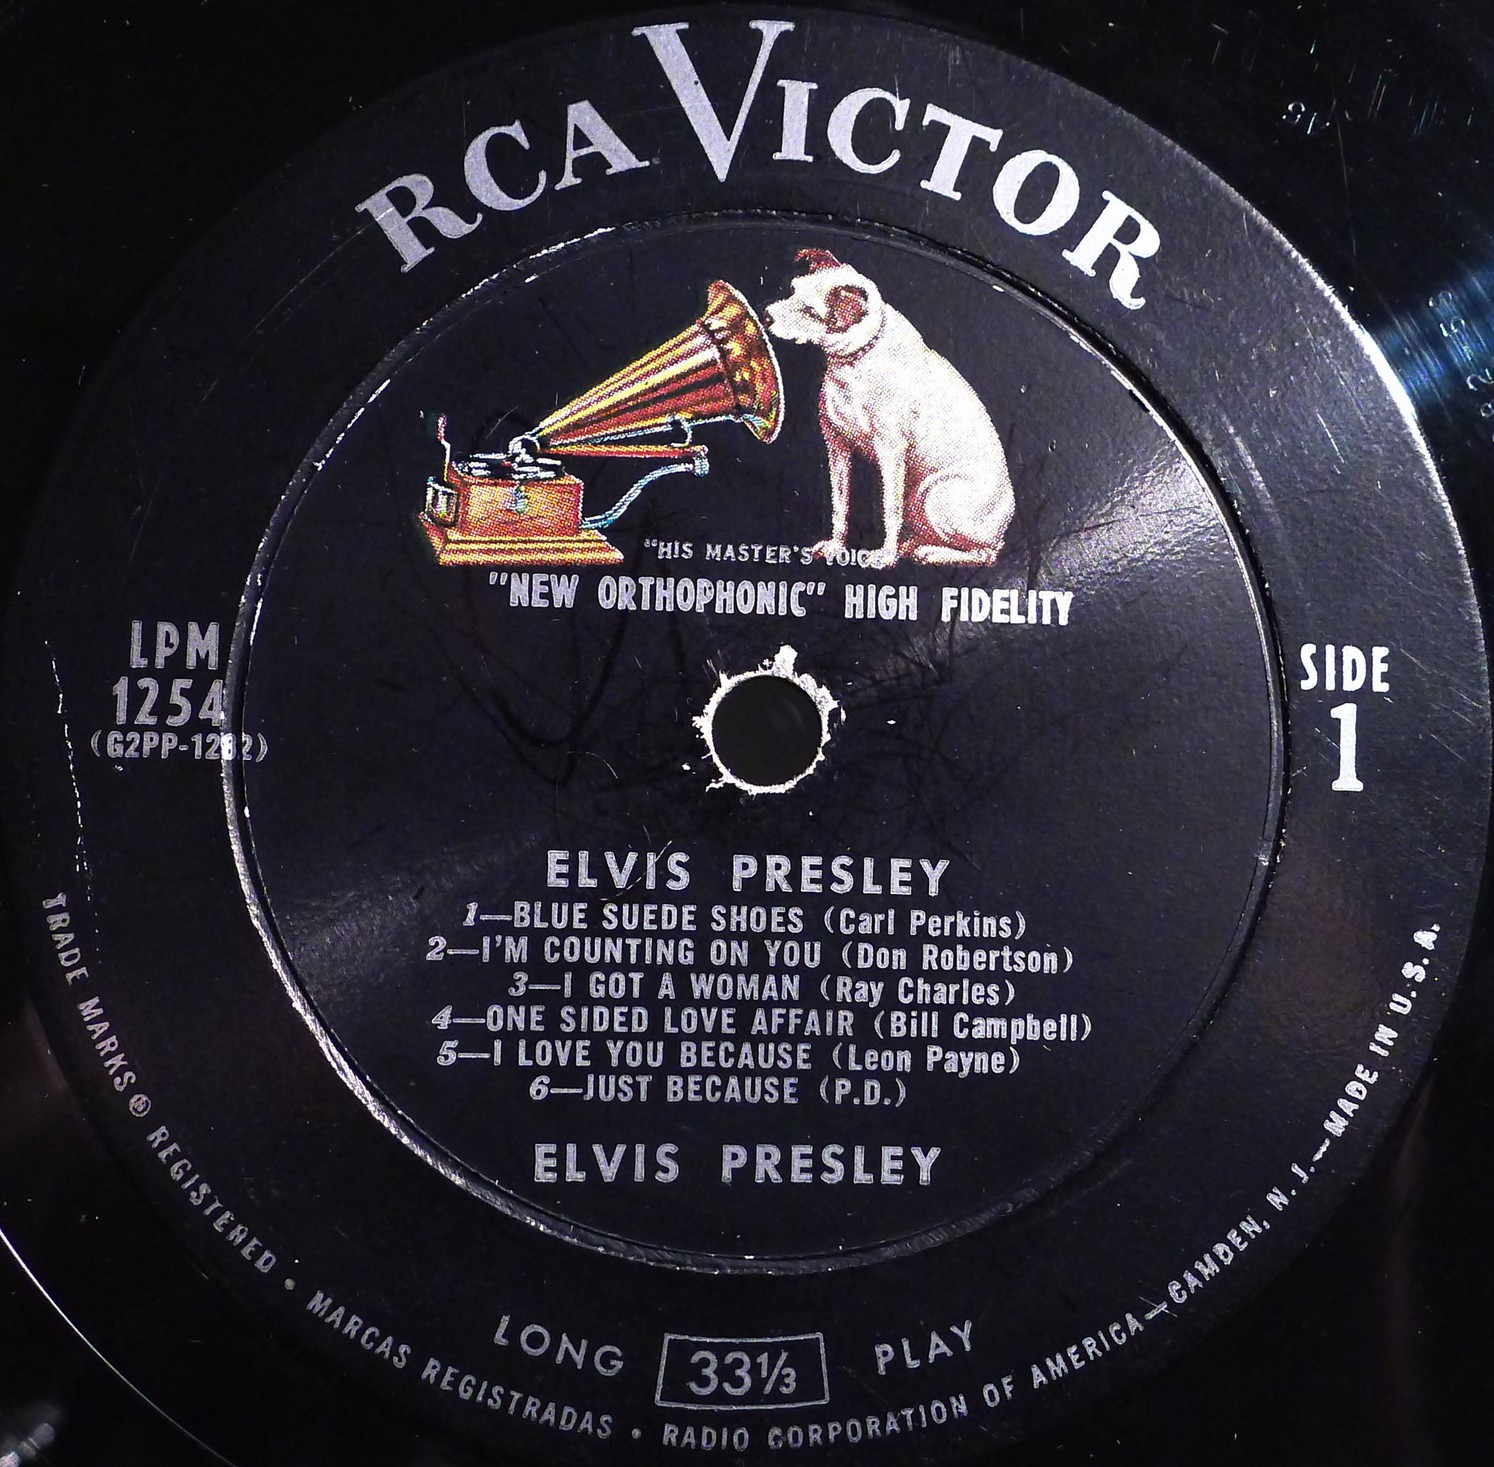 ELVIS PRESLEY Lpm1254c9dp2l